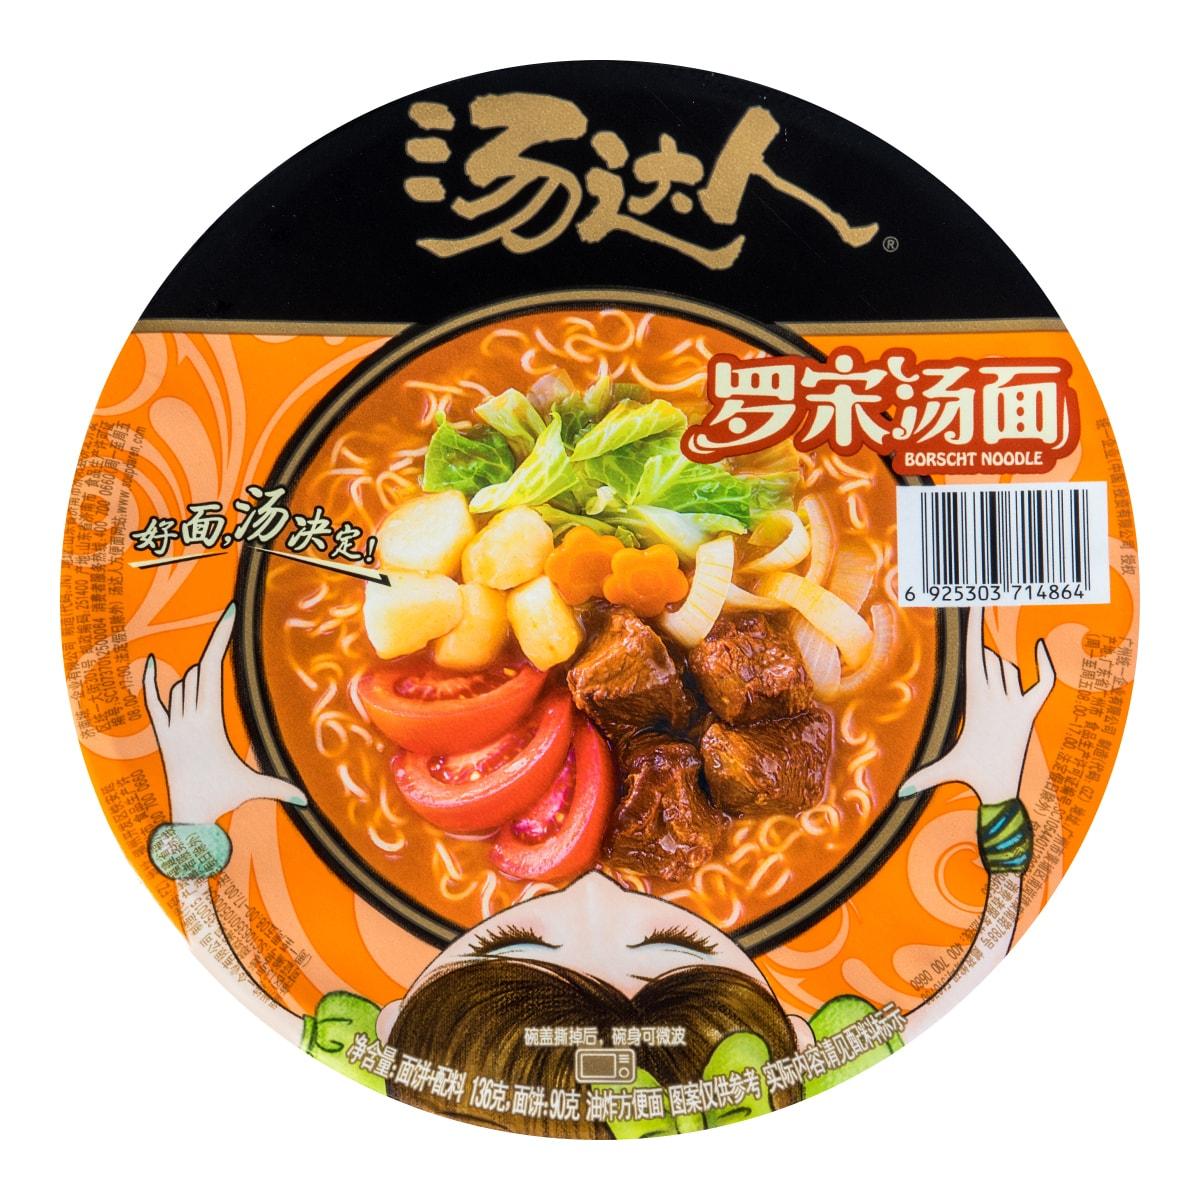 UNIF Soup Daren Borscht Noodle 136g